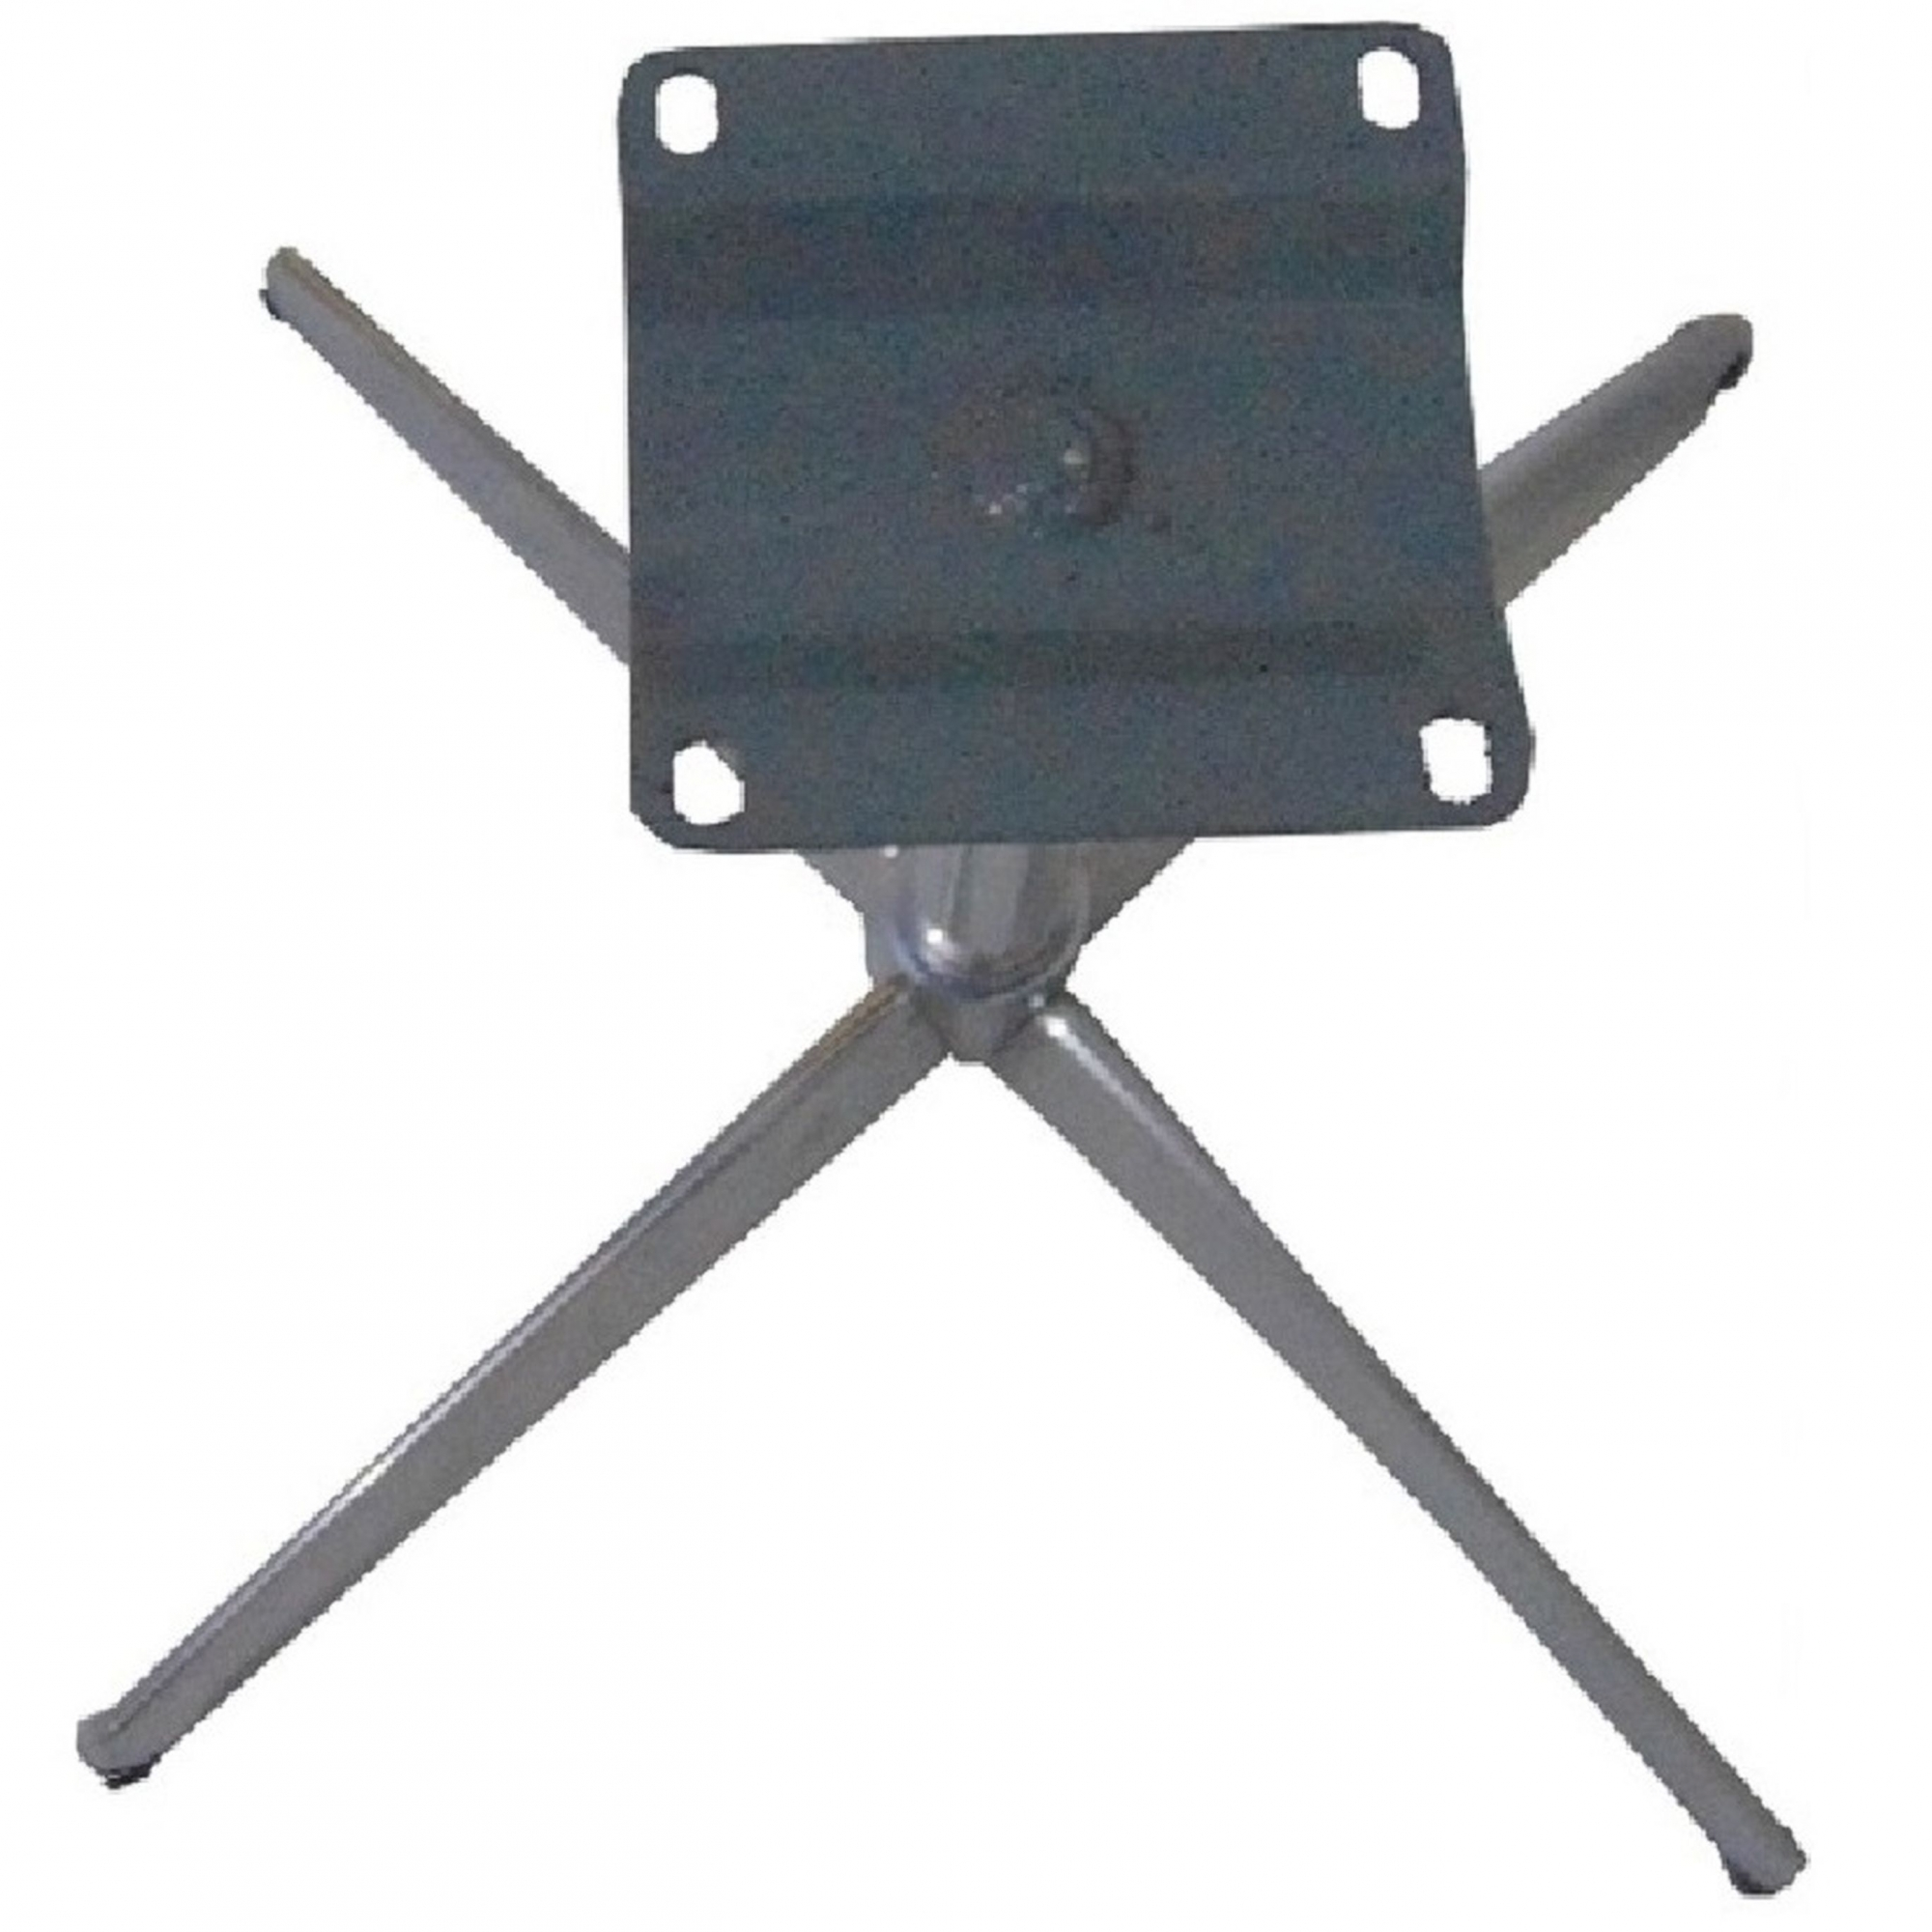 kit 3 Base Giratória Curva em Alumínio para Poltrona H40cm